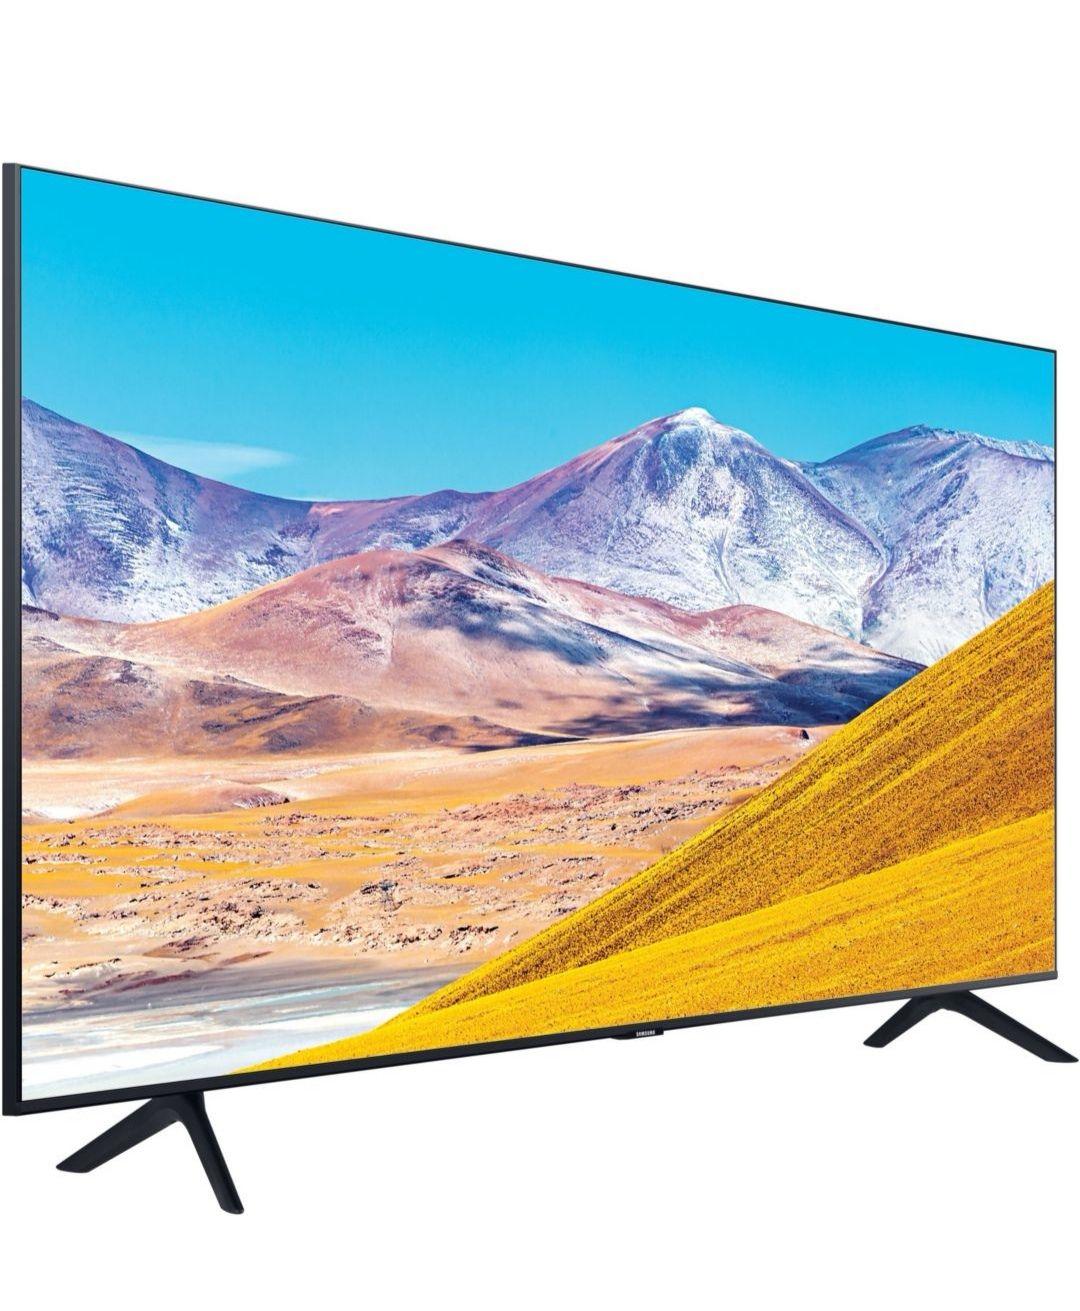 """TV 43"""" Samsung UE43TU8005 2020 - LED, 4K UHD, HDR 10+, Smart TV (+13,47 € en Rakuten Points) - Boulanger"""